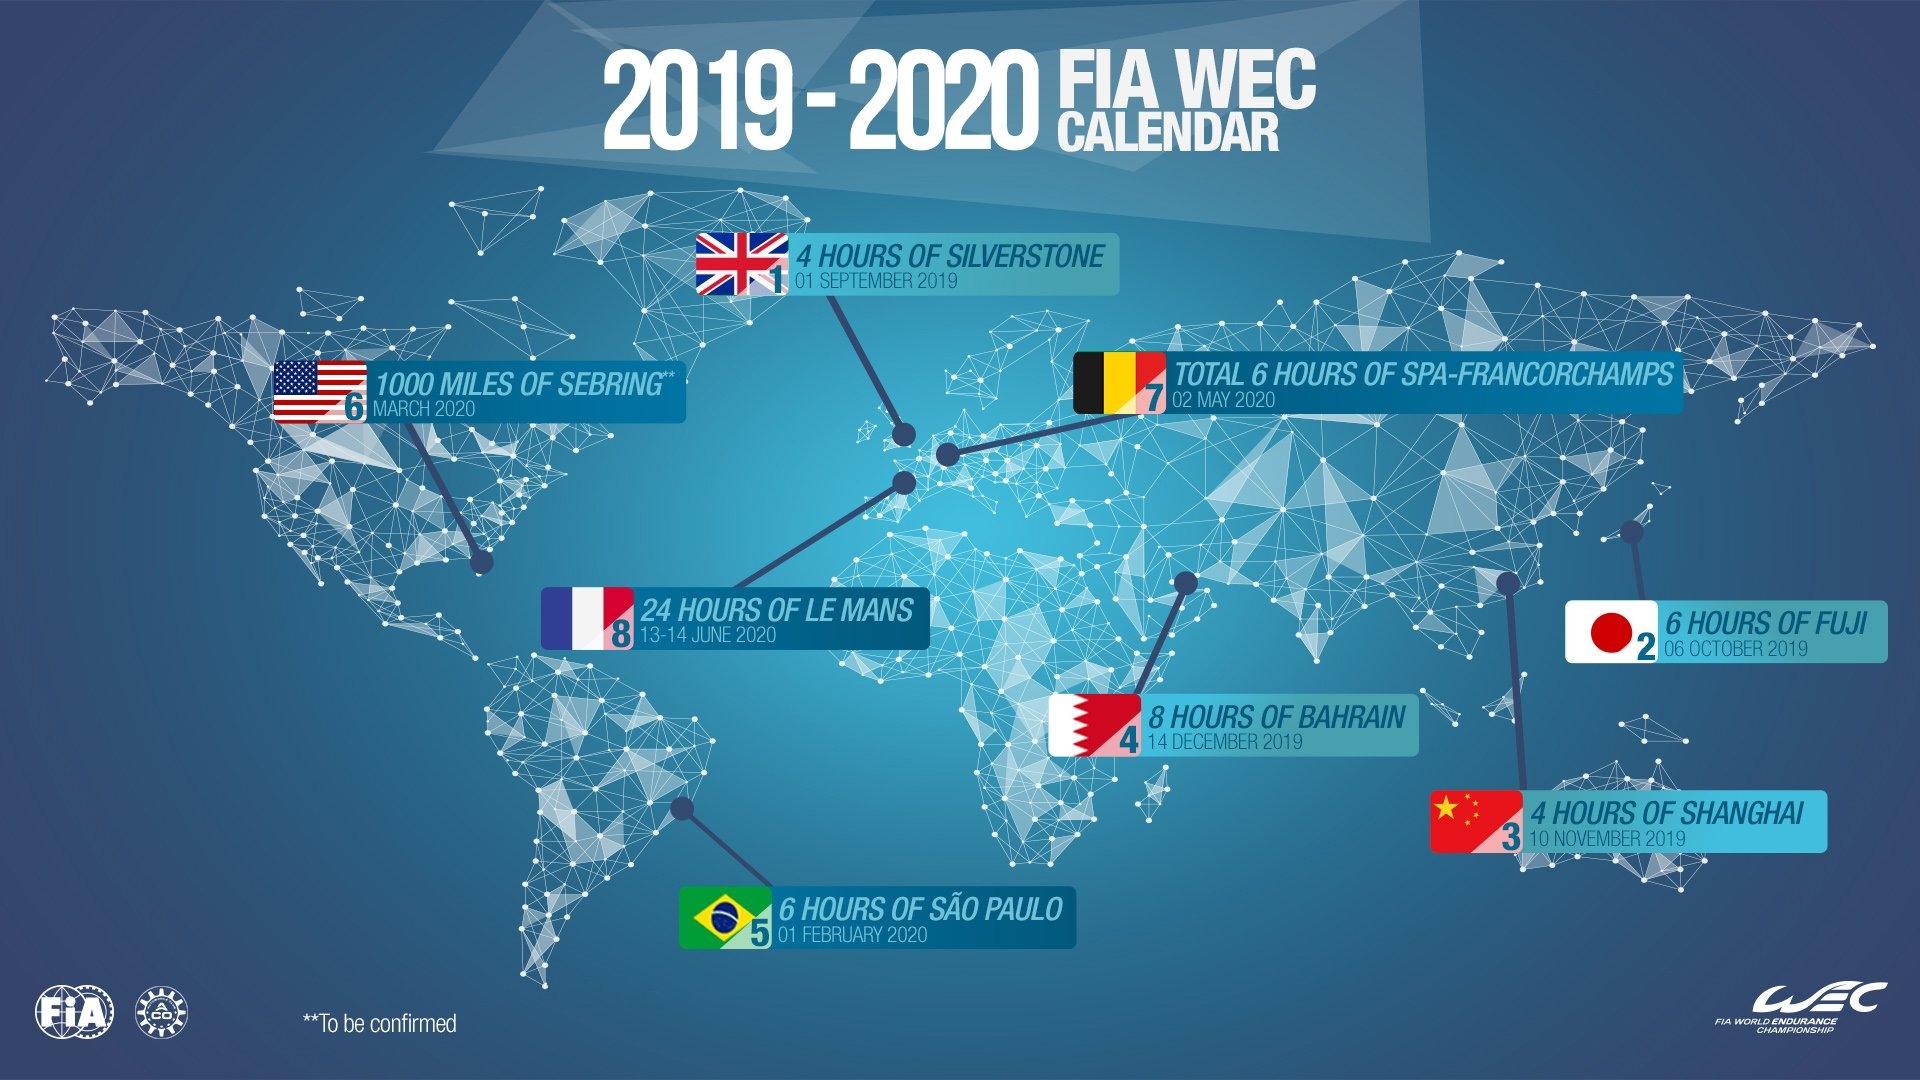 Wec - 2019/2020 Fia Wec Calendar Is Approved   Federation Fia Formula E Calendar 2019